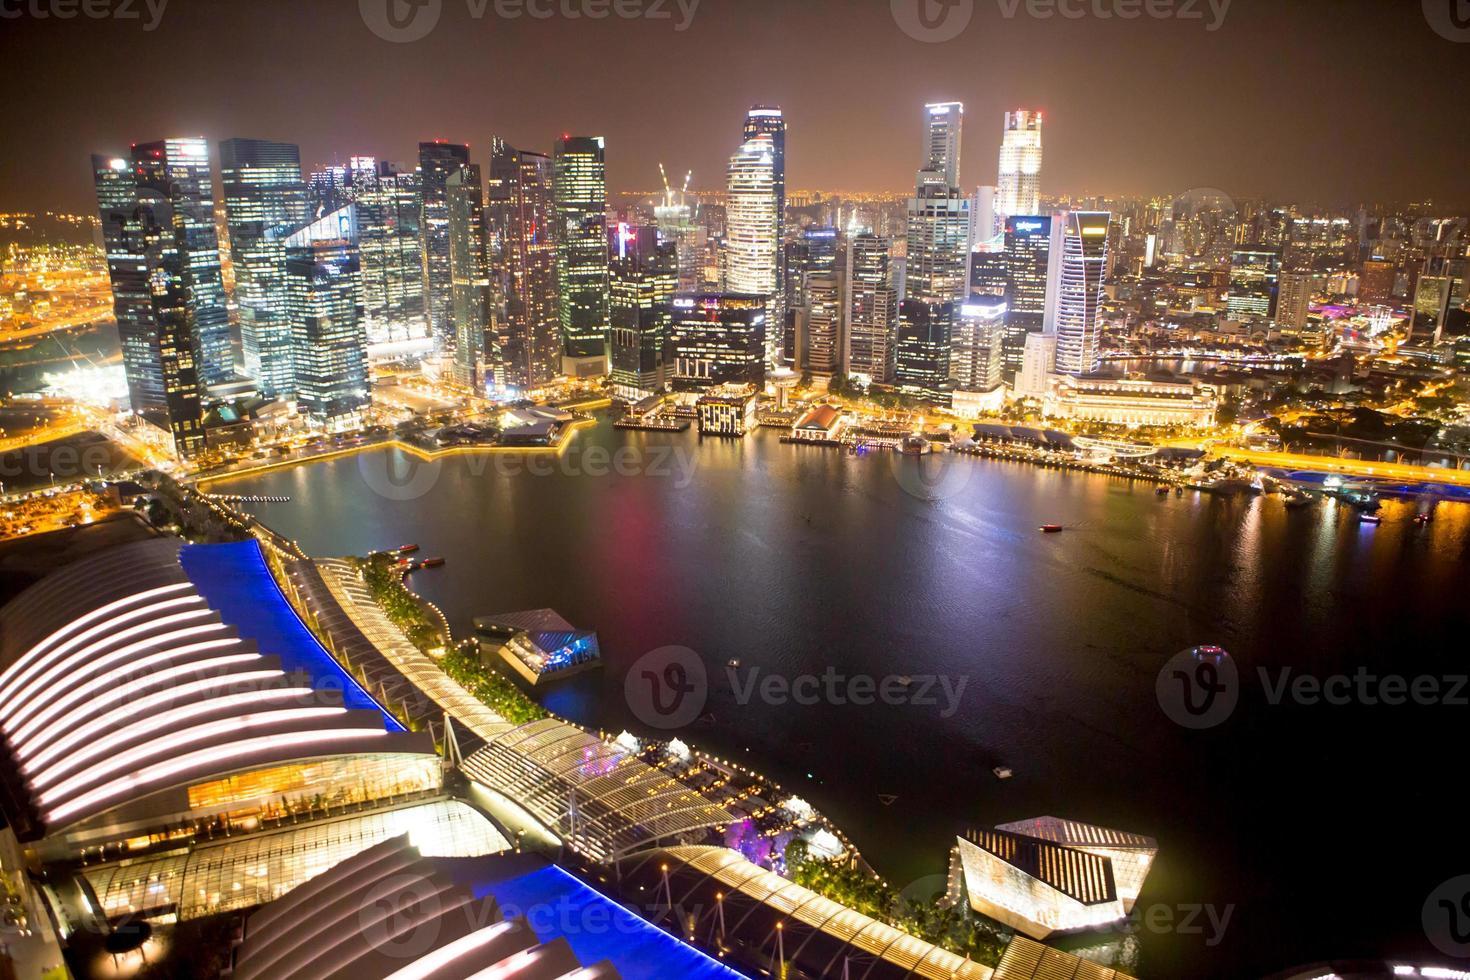 singapour dans la nuit. photo